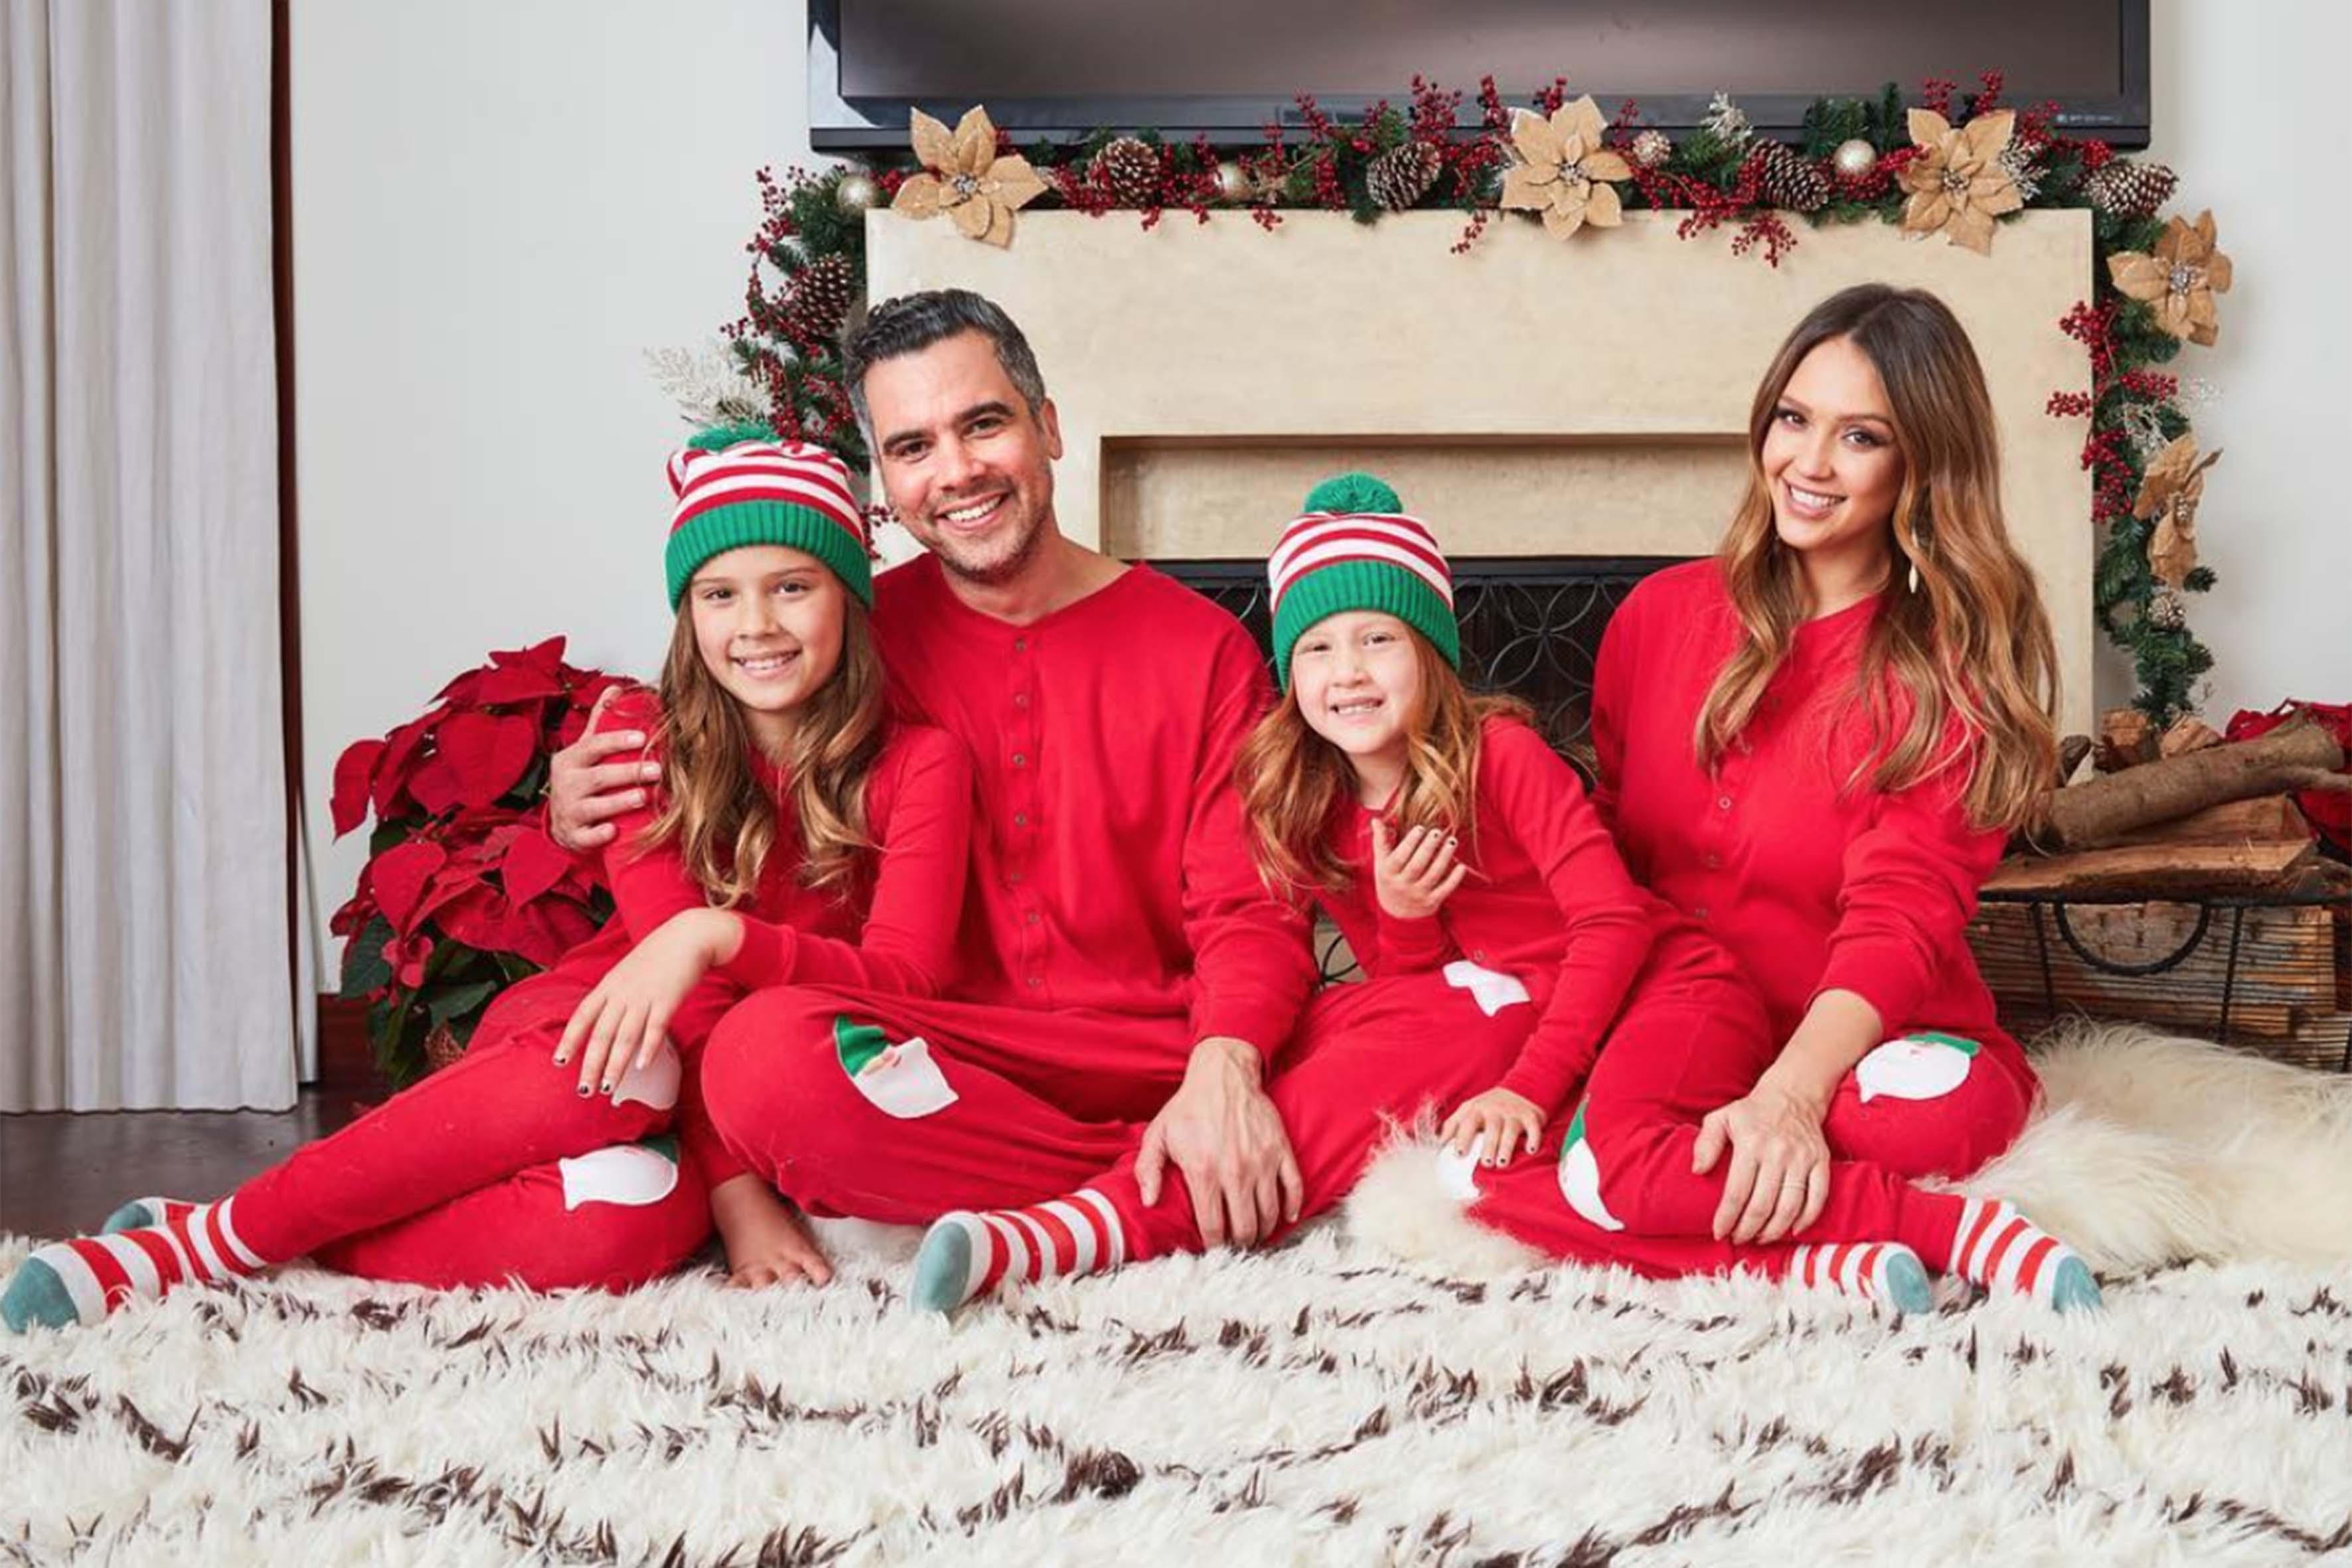 Jessica e Cash insieme alle figlie Honor e Haven in una tenera foto natalizia